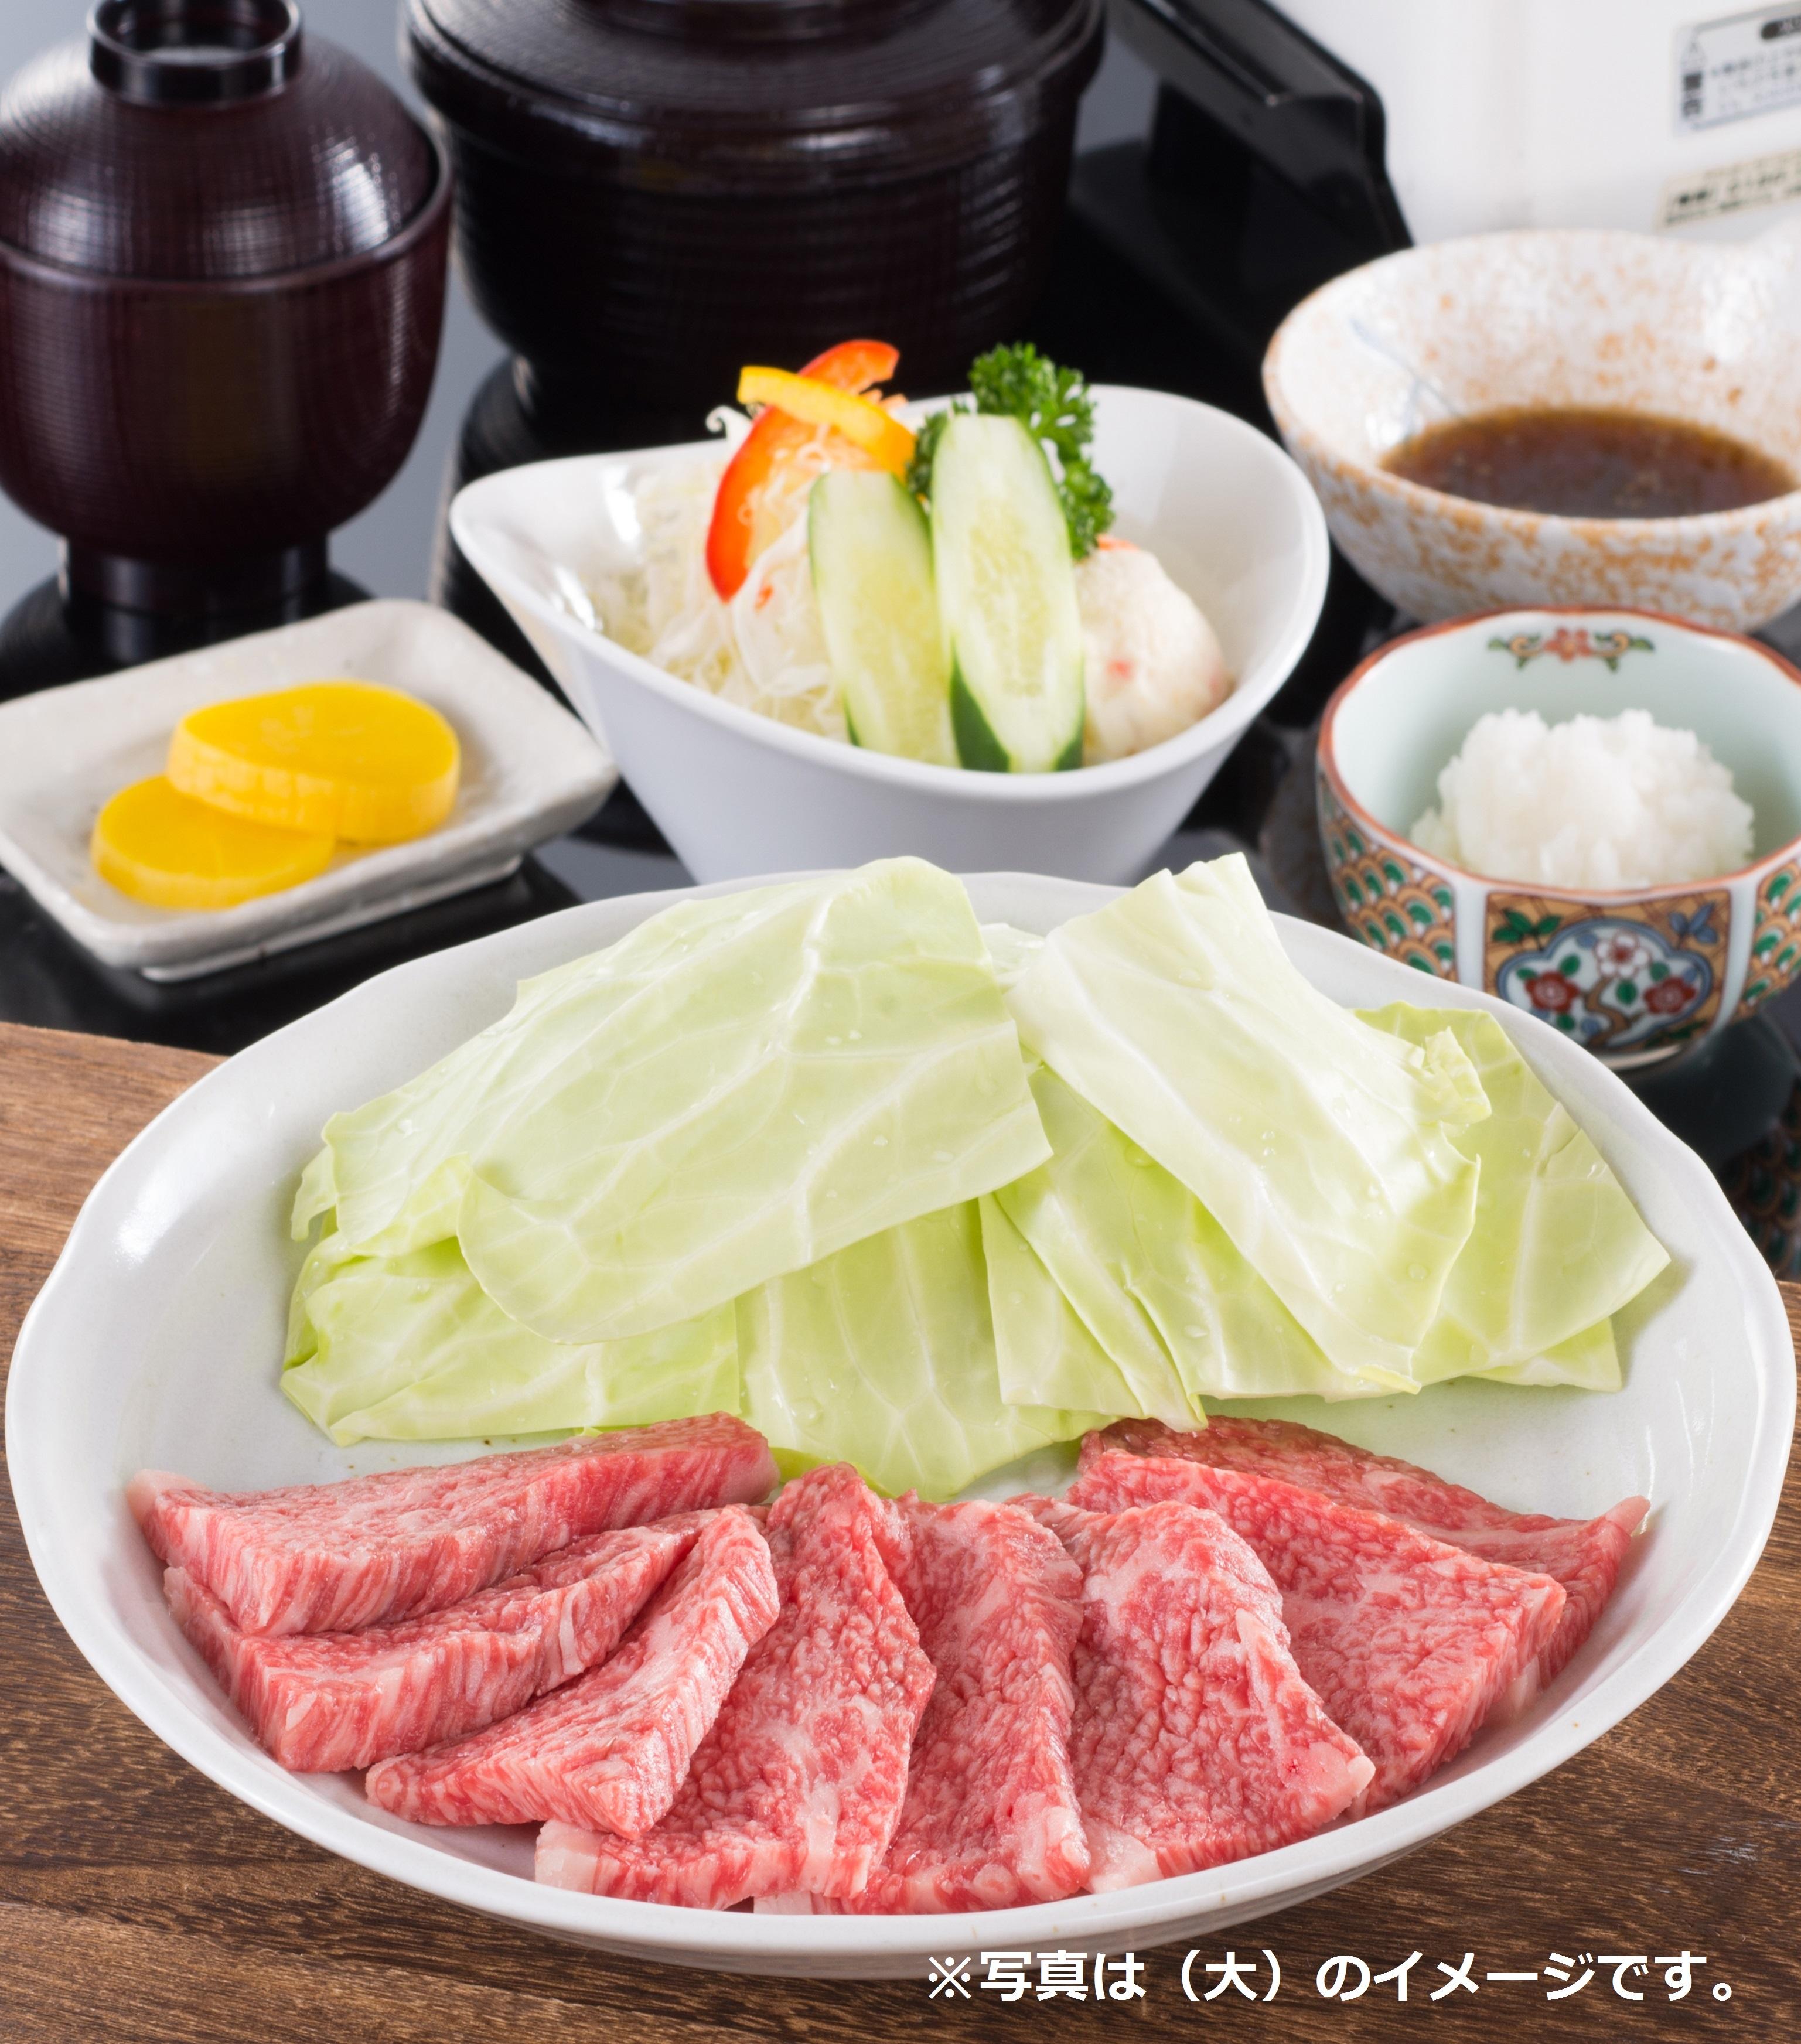 松ヶ島店限定 焼肉定食 (大)